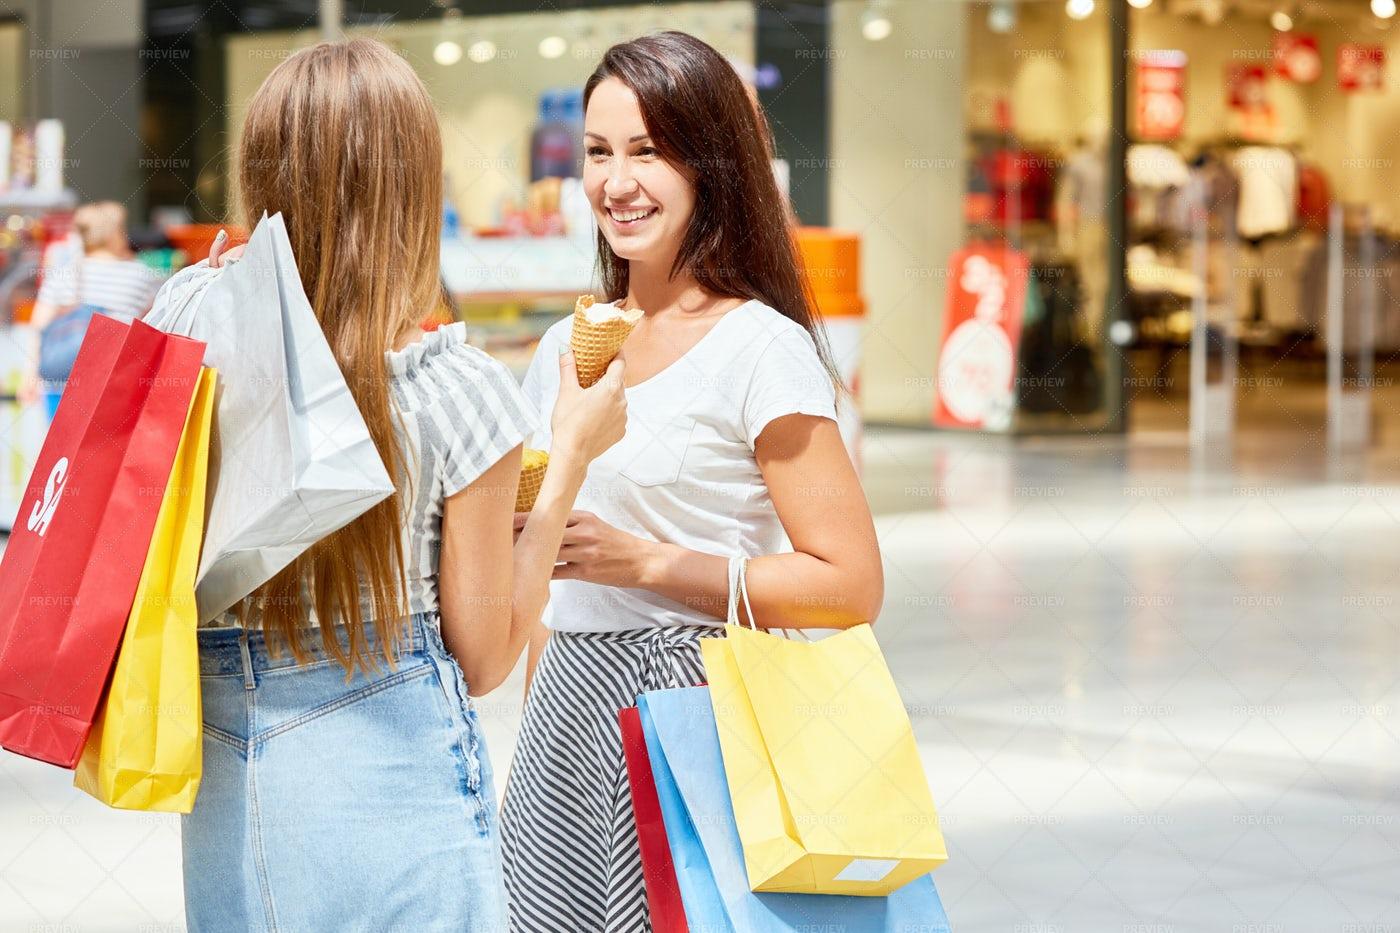 Beautiful Women In Shopping Center: Stock Photos